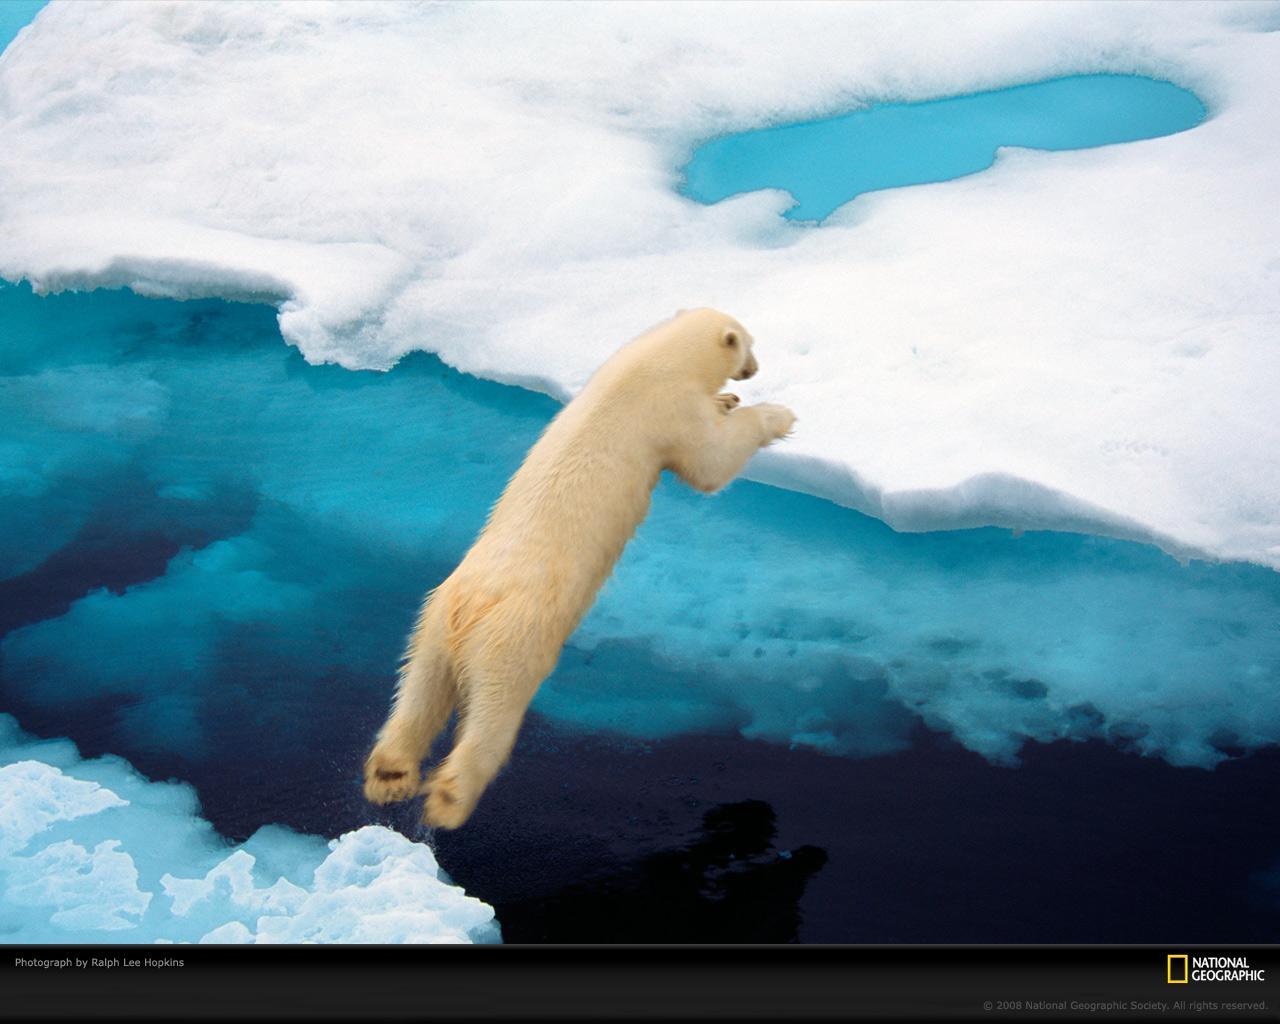 http://3.bp.blogspot.com/_AW6skA94IQQ/TK4TDZ3pY9I/AAAAAAAAA5g/lwPxwvQW35w/s1600/blue-polar-bear-hopkins-1052295-xl.jpg